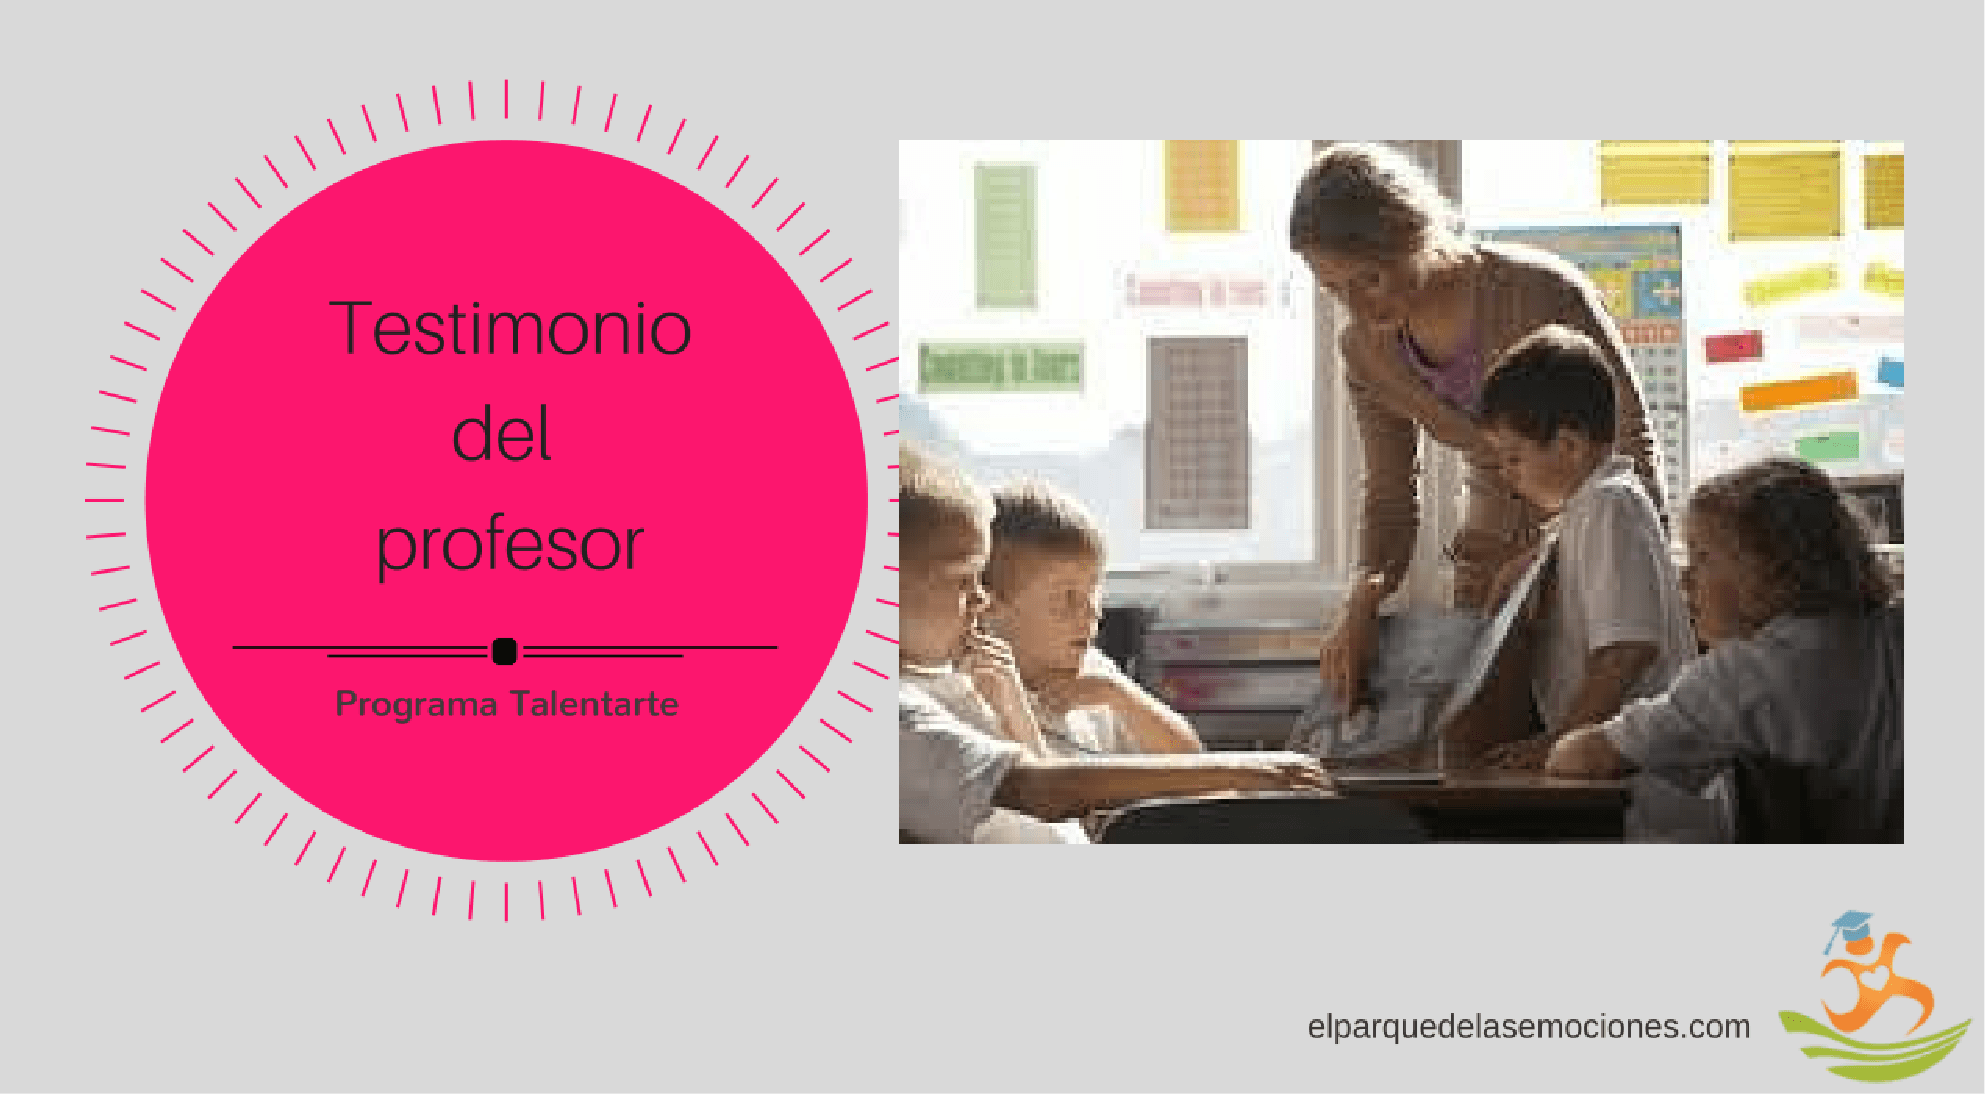 el profesor opina sobre su experiencia con el programa Talentarte